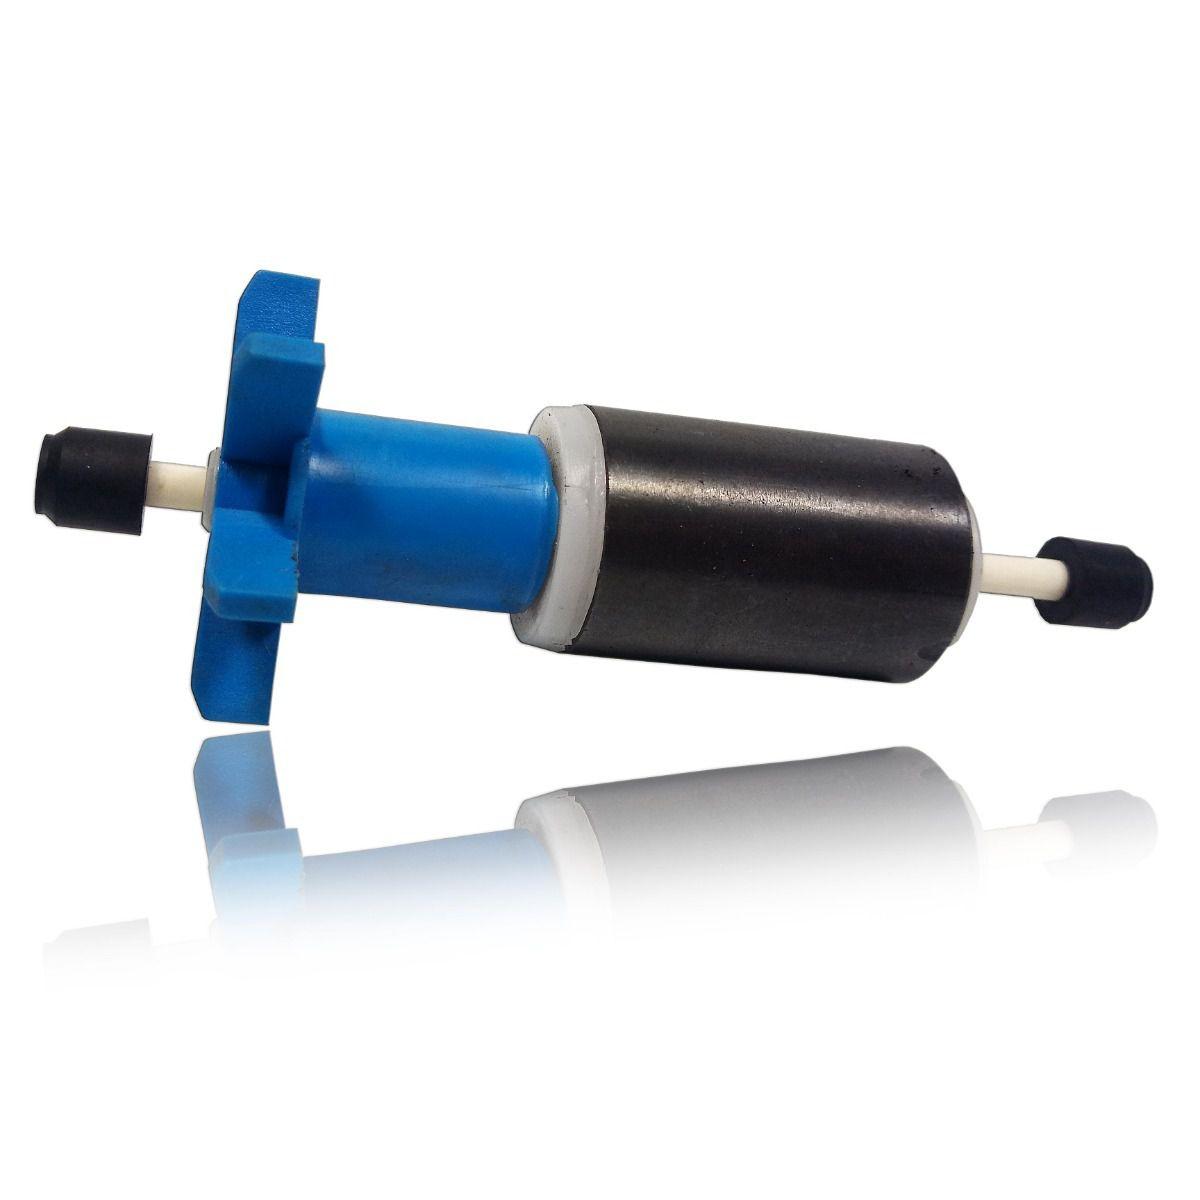 Impeller Completo P/ Filtro Canister Jebo 829/839  - KZ Power